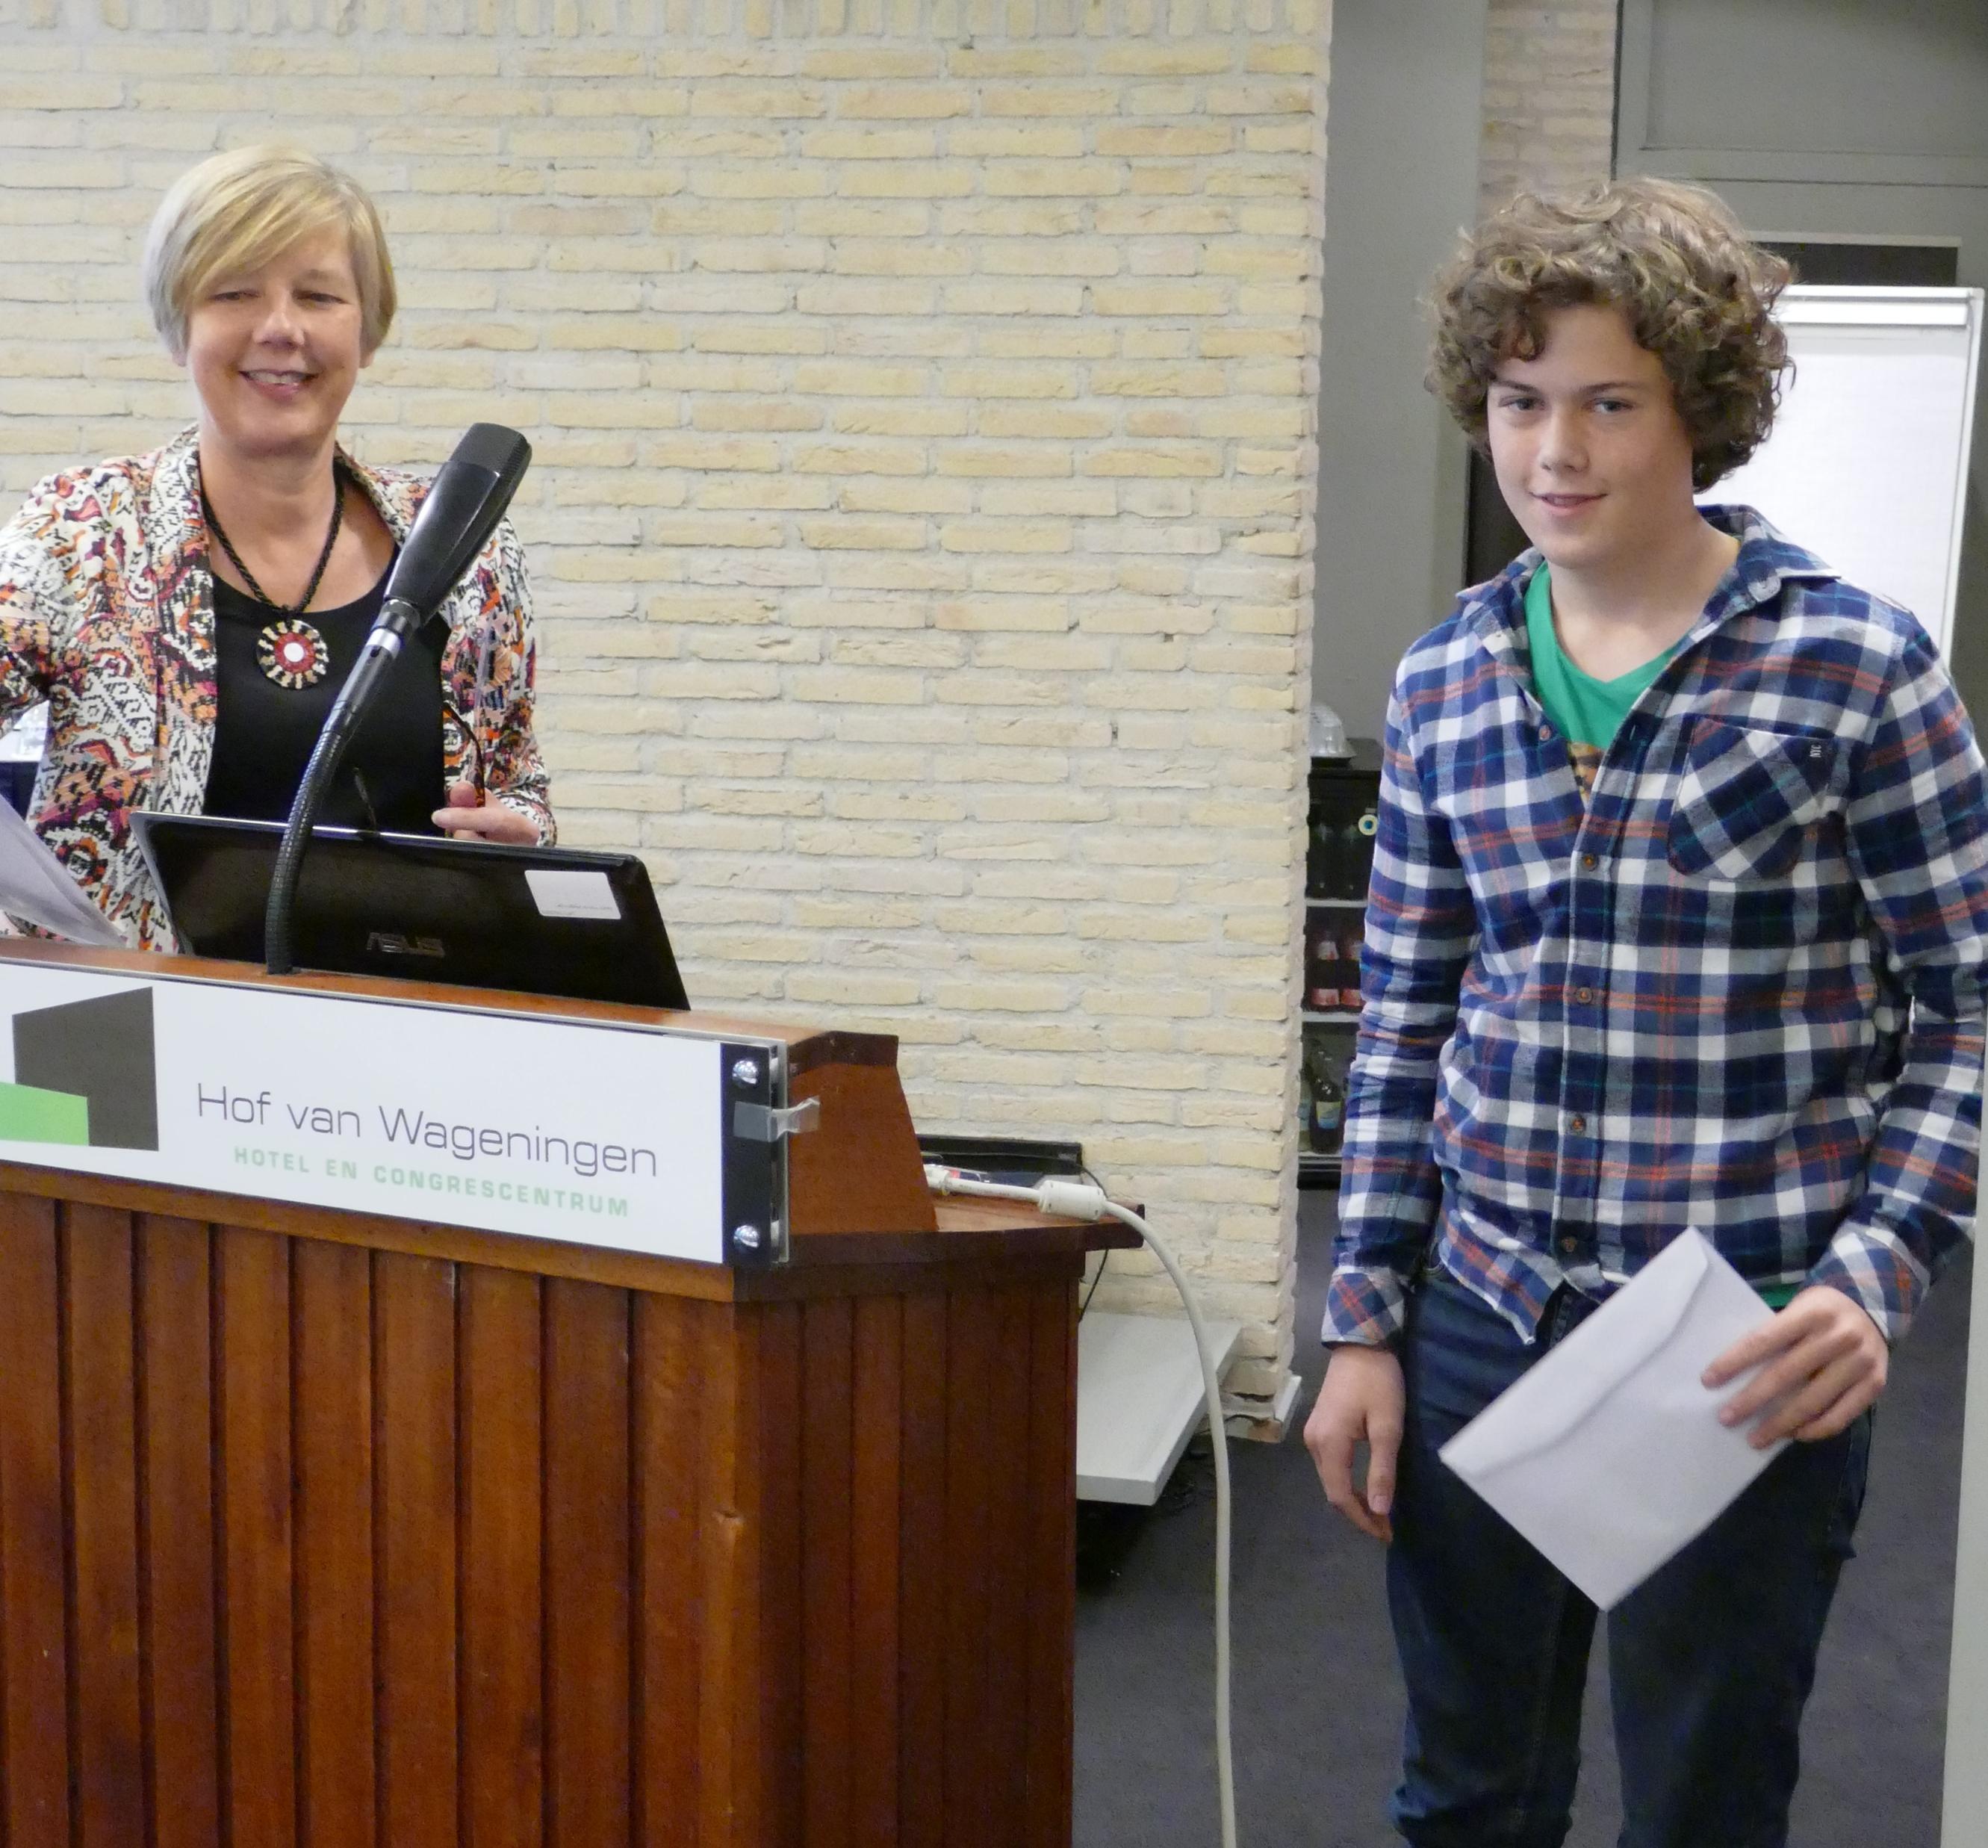 Frans Laporte wint de verhalenwedstrijd van de KNPV